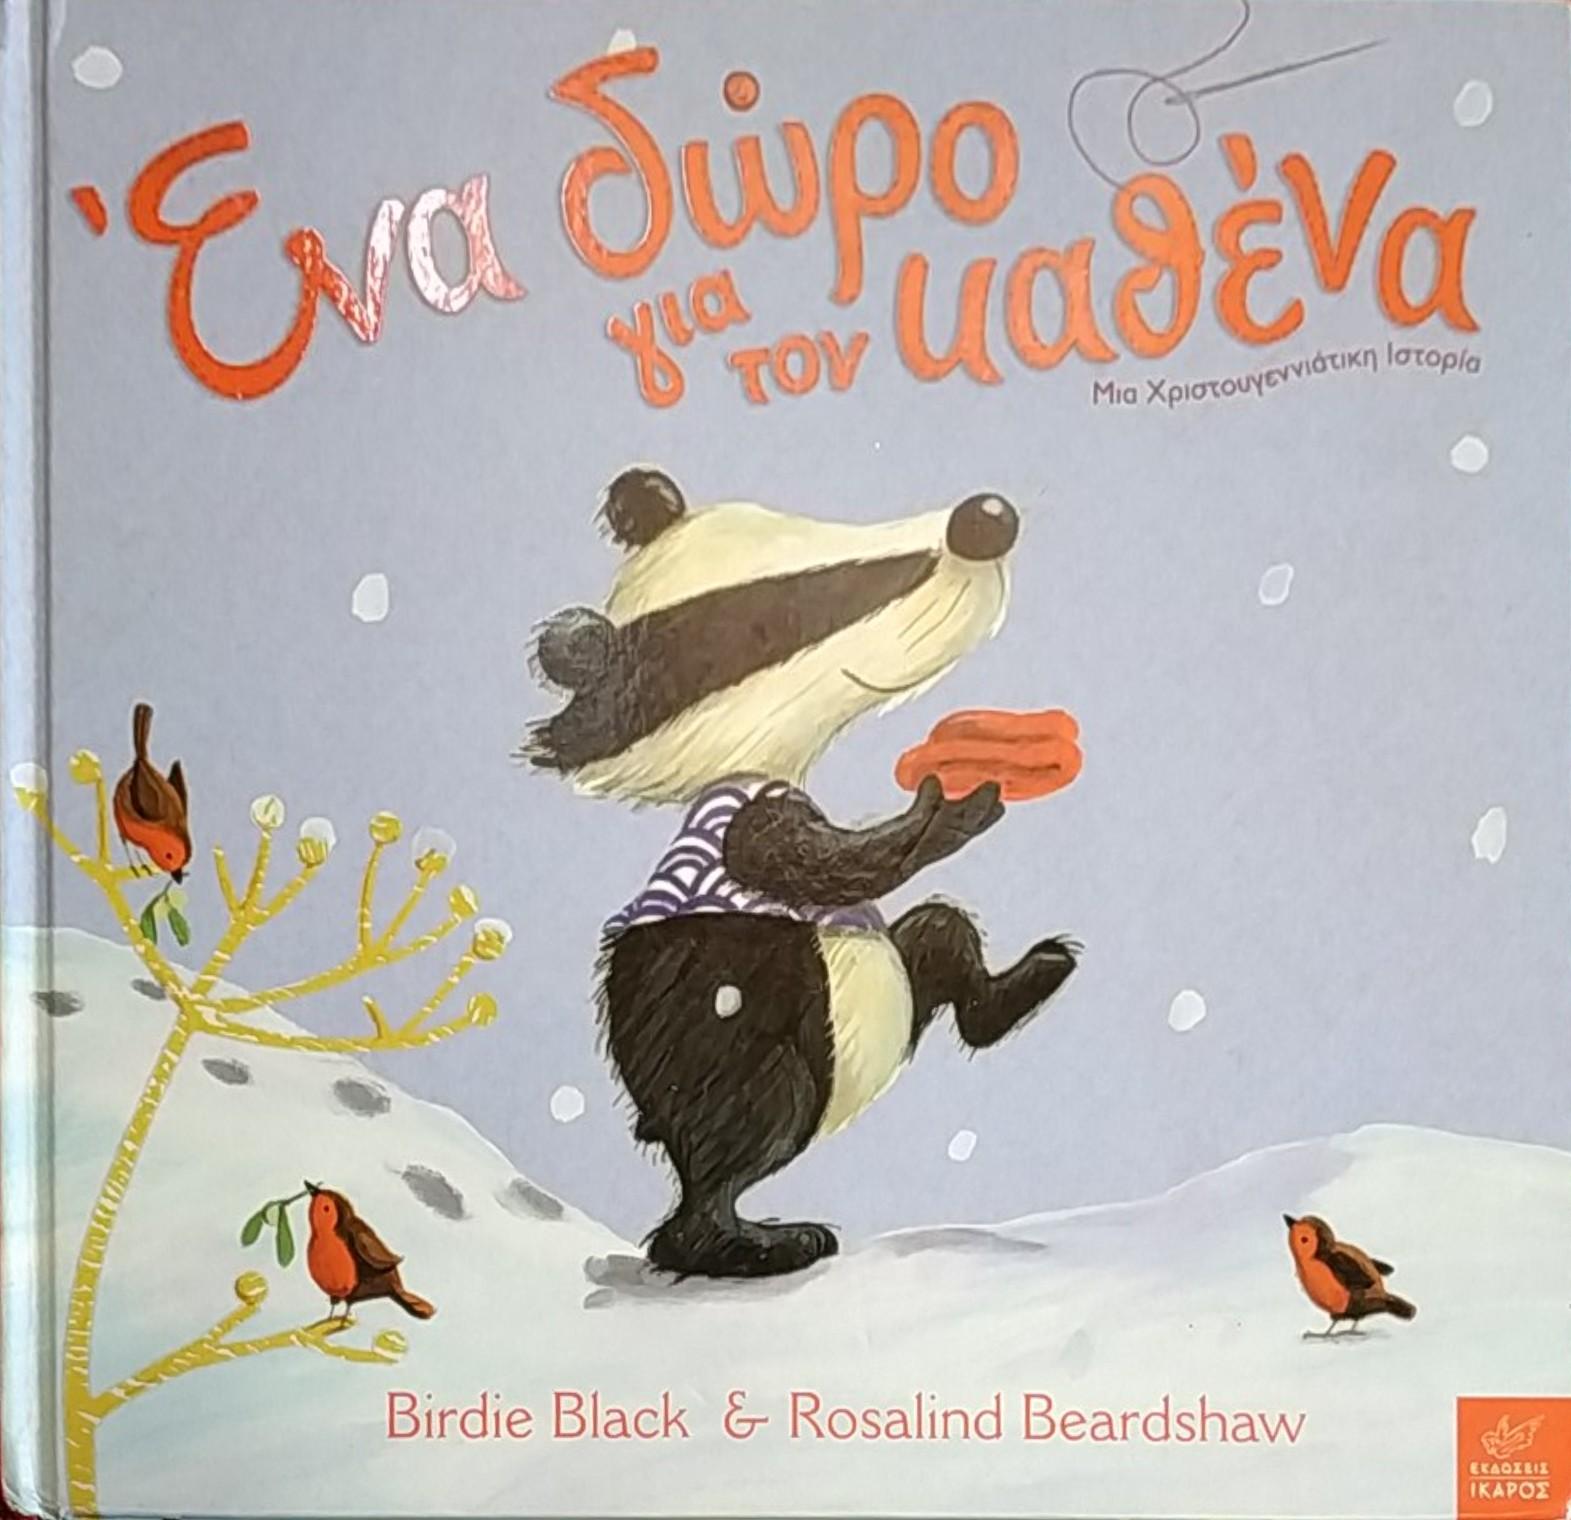 Ένα δώρο για τον καθένα - Birdie Black & Rosalind Beardshaw